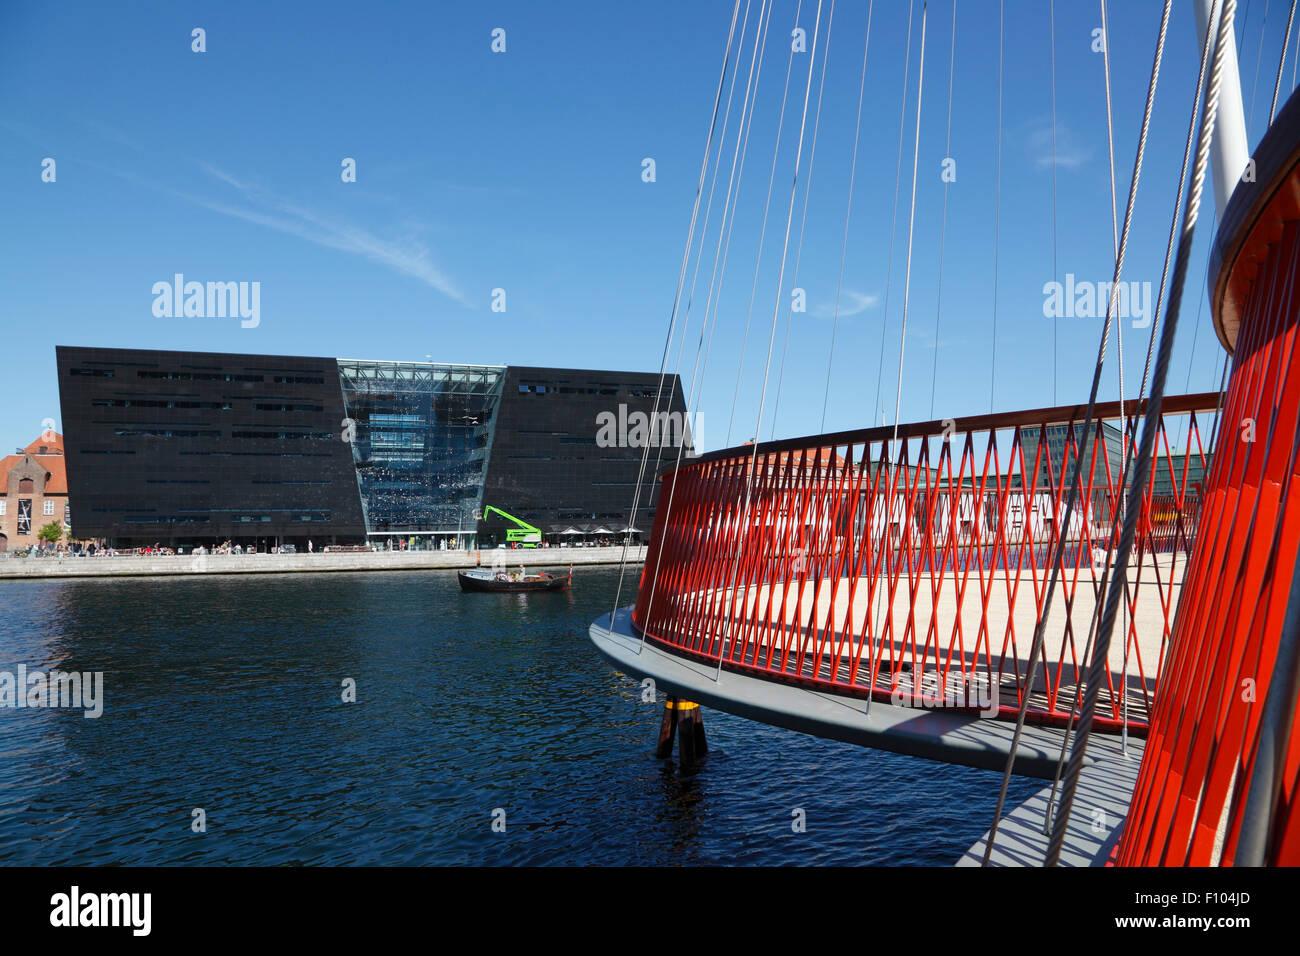 Cirkelbroen, le Cercle pont, conçu par l'artiste Olafur Eliasson enjambant le canal Christianshavn. Le Black Diamond, Den Sorte Diamant, dans l'arrière-plan. Banque D'Images